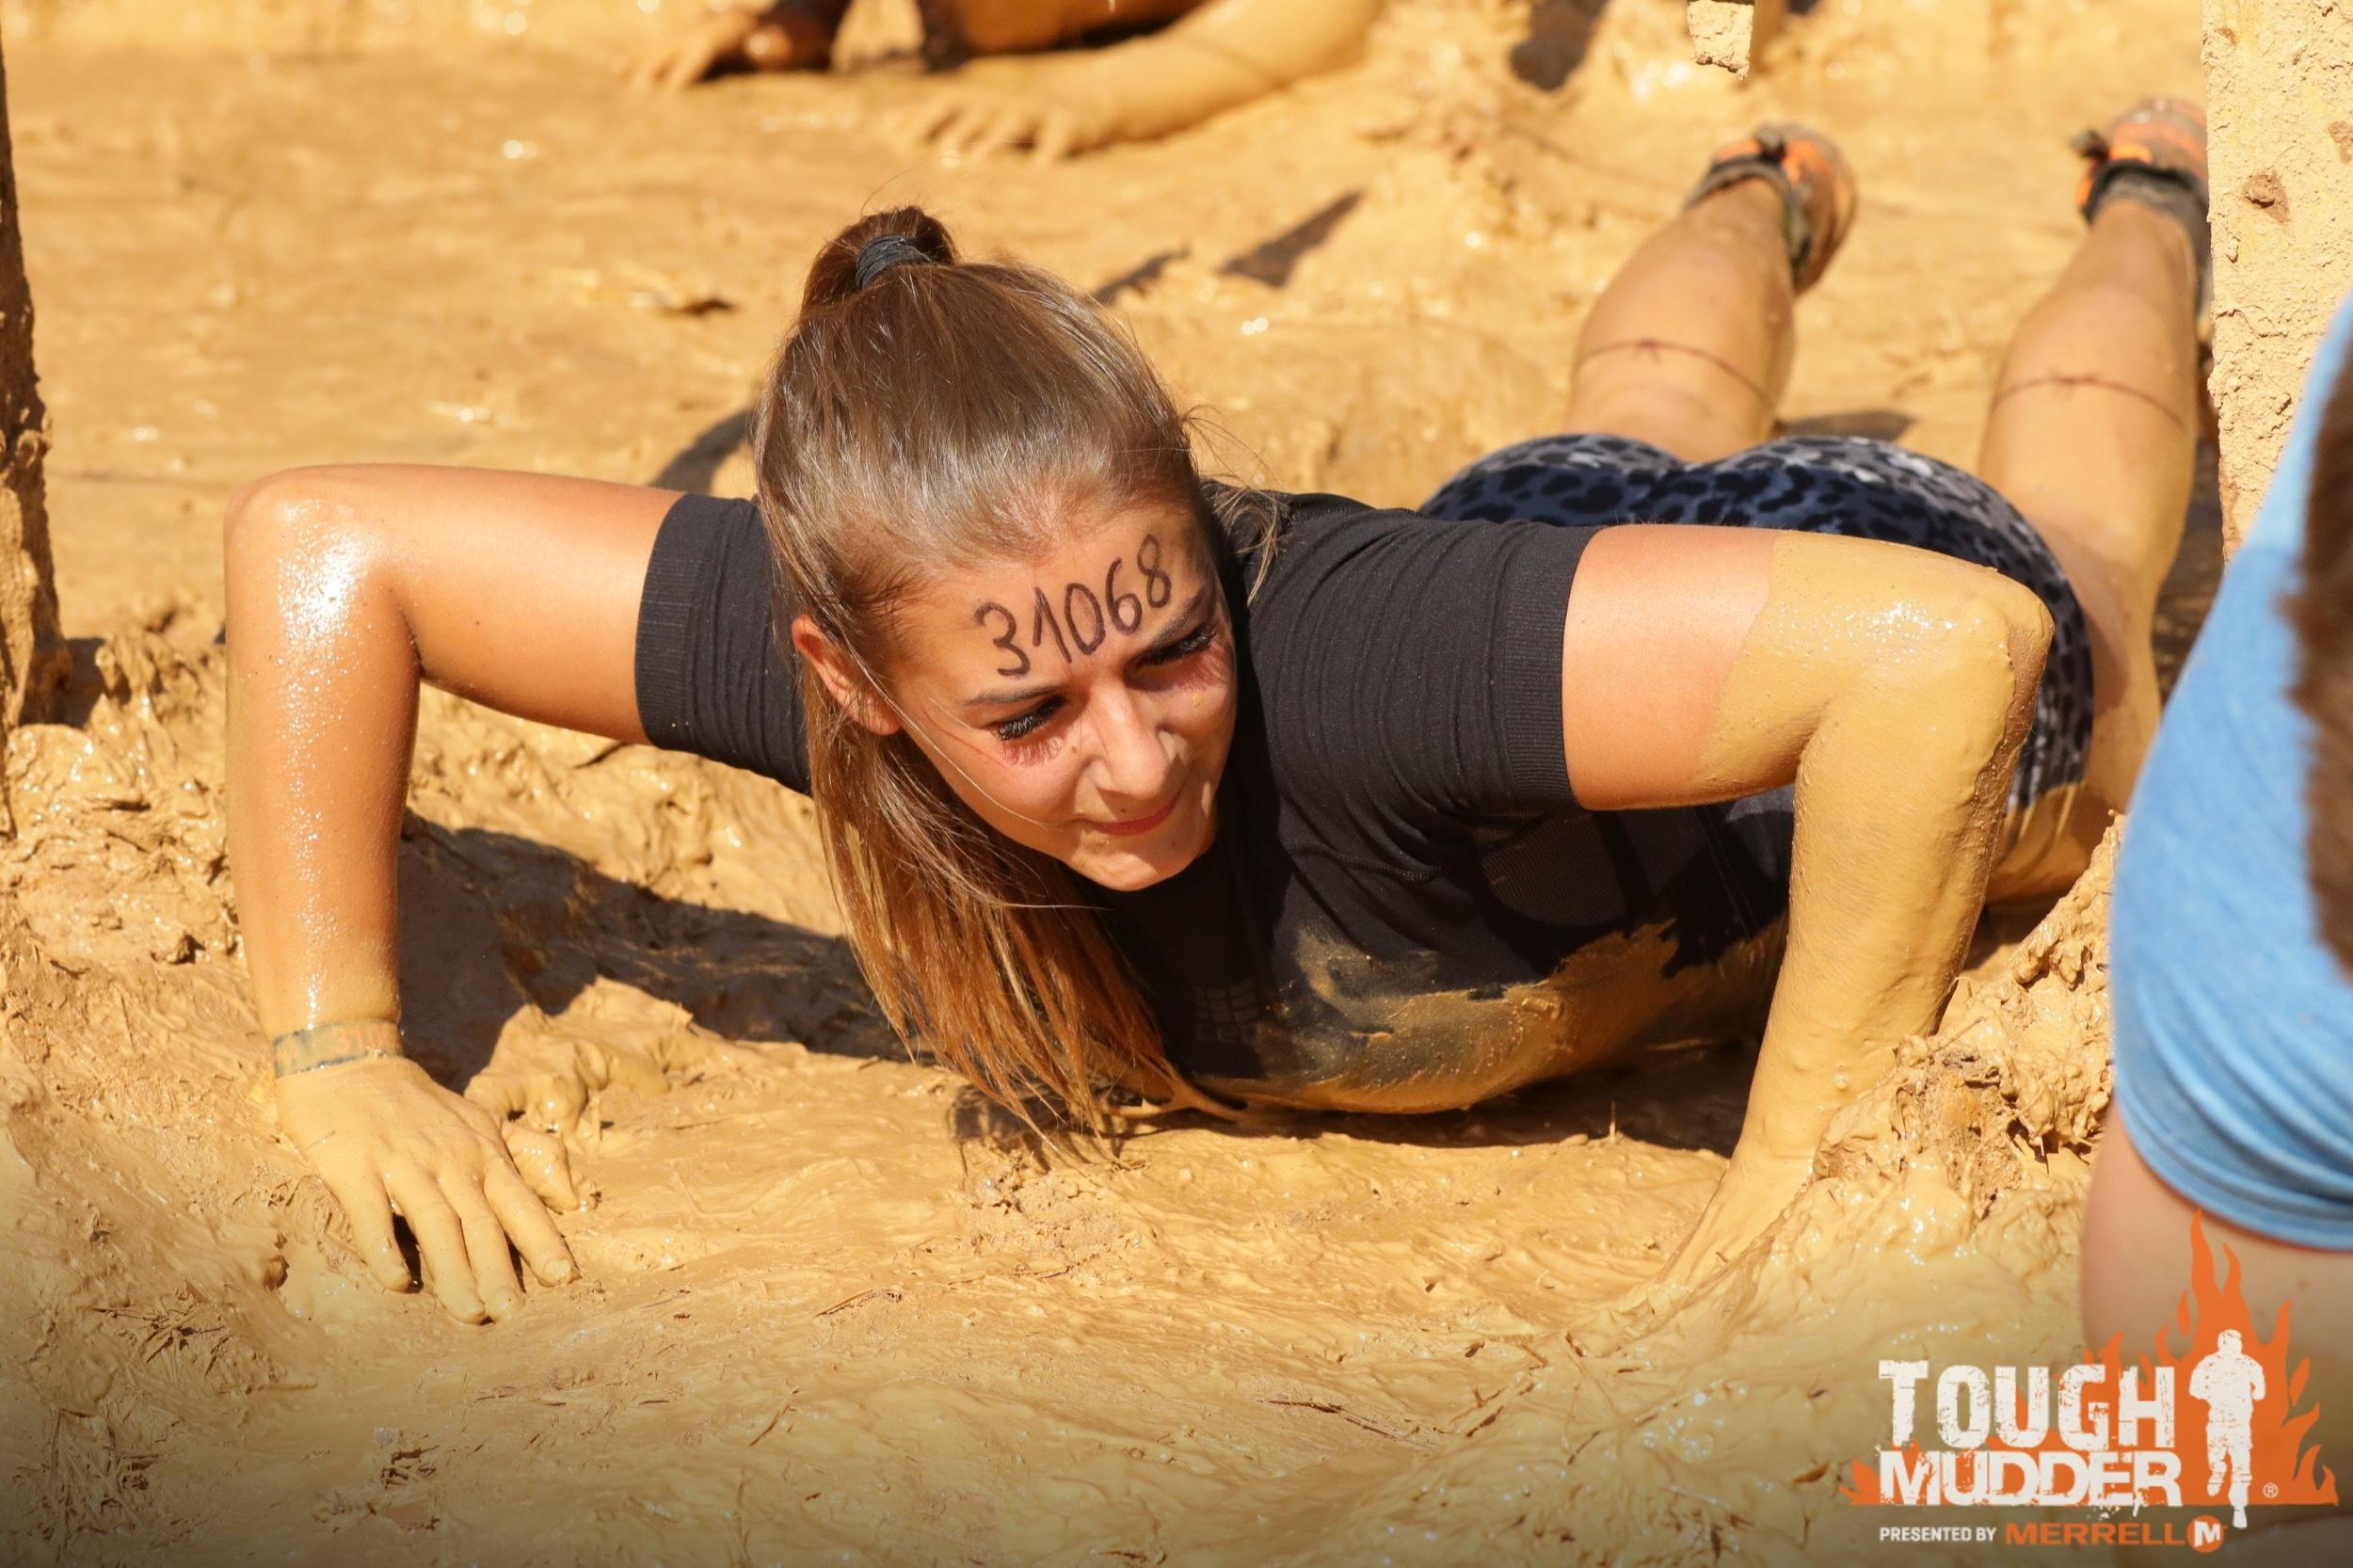 tough-mudder-sueddeutschland-fitnessblogger-deutschland